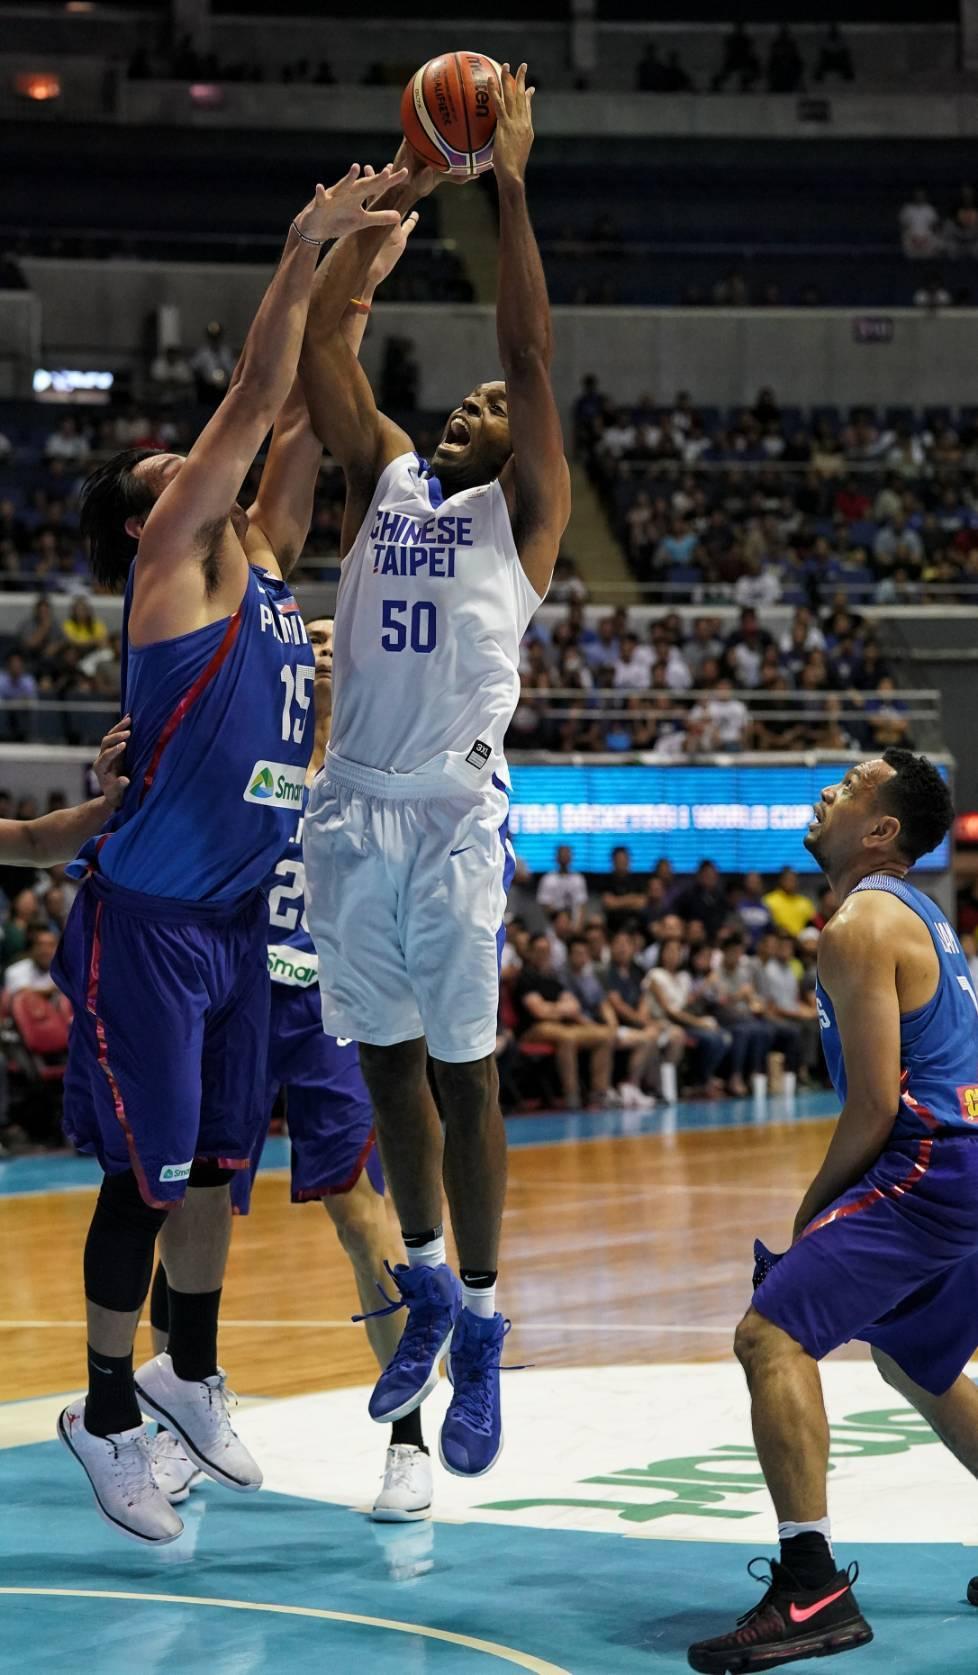 中華隊戴維斯(中)上半場拿下16分助隊以2分落後菲律賓。圖/中華籃球協會提供